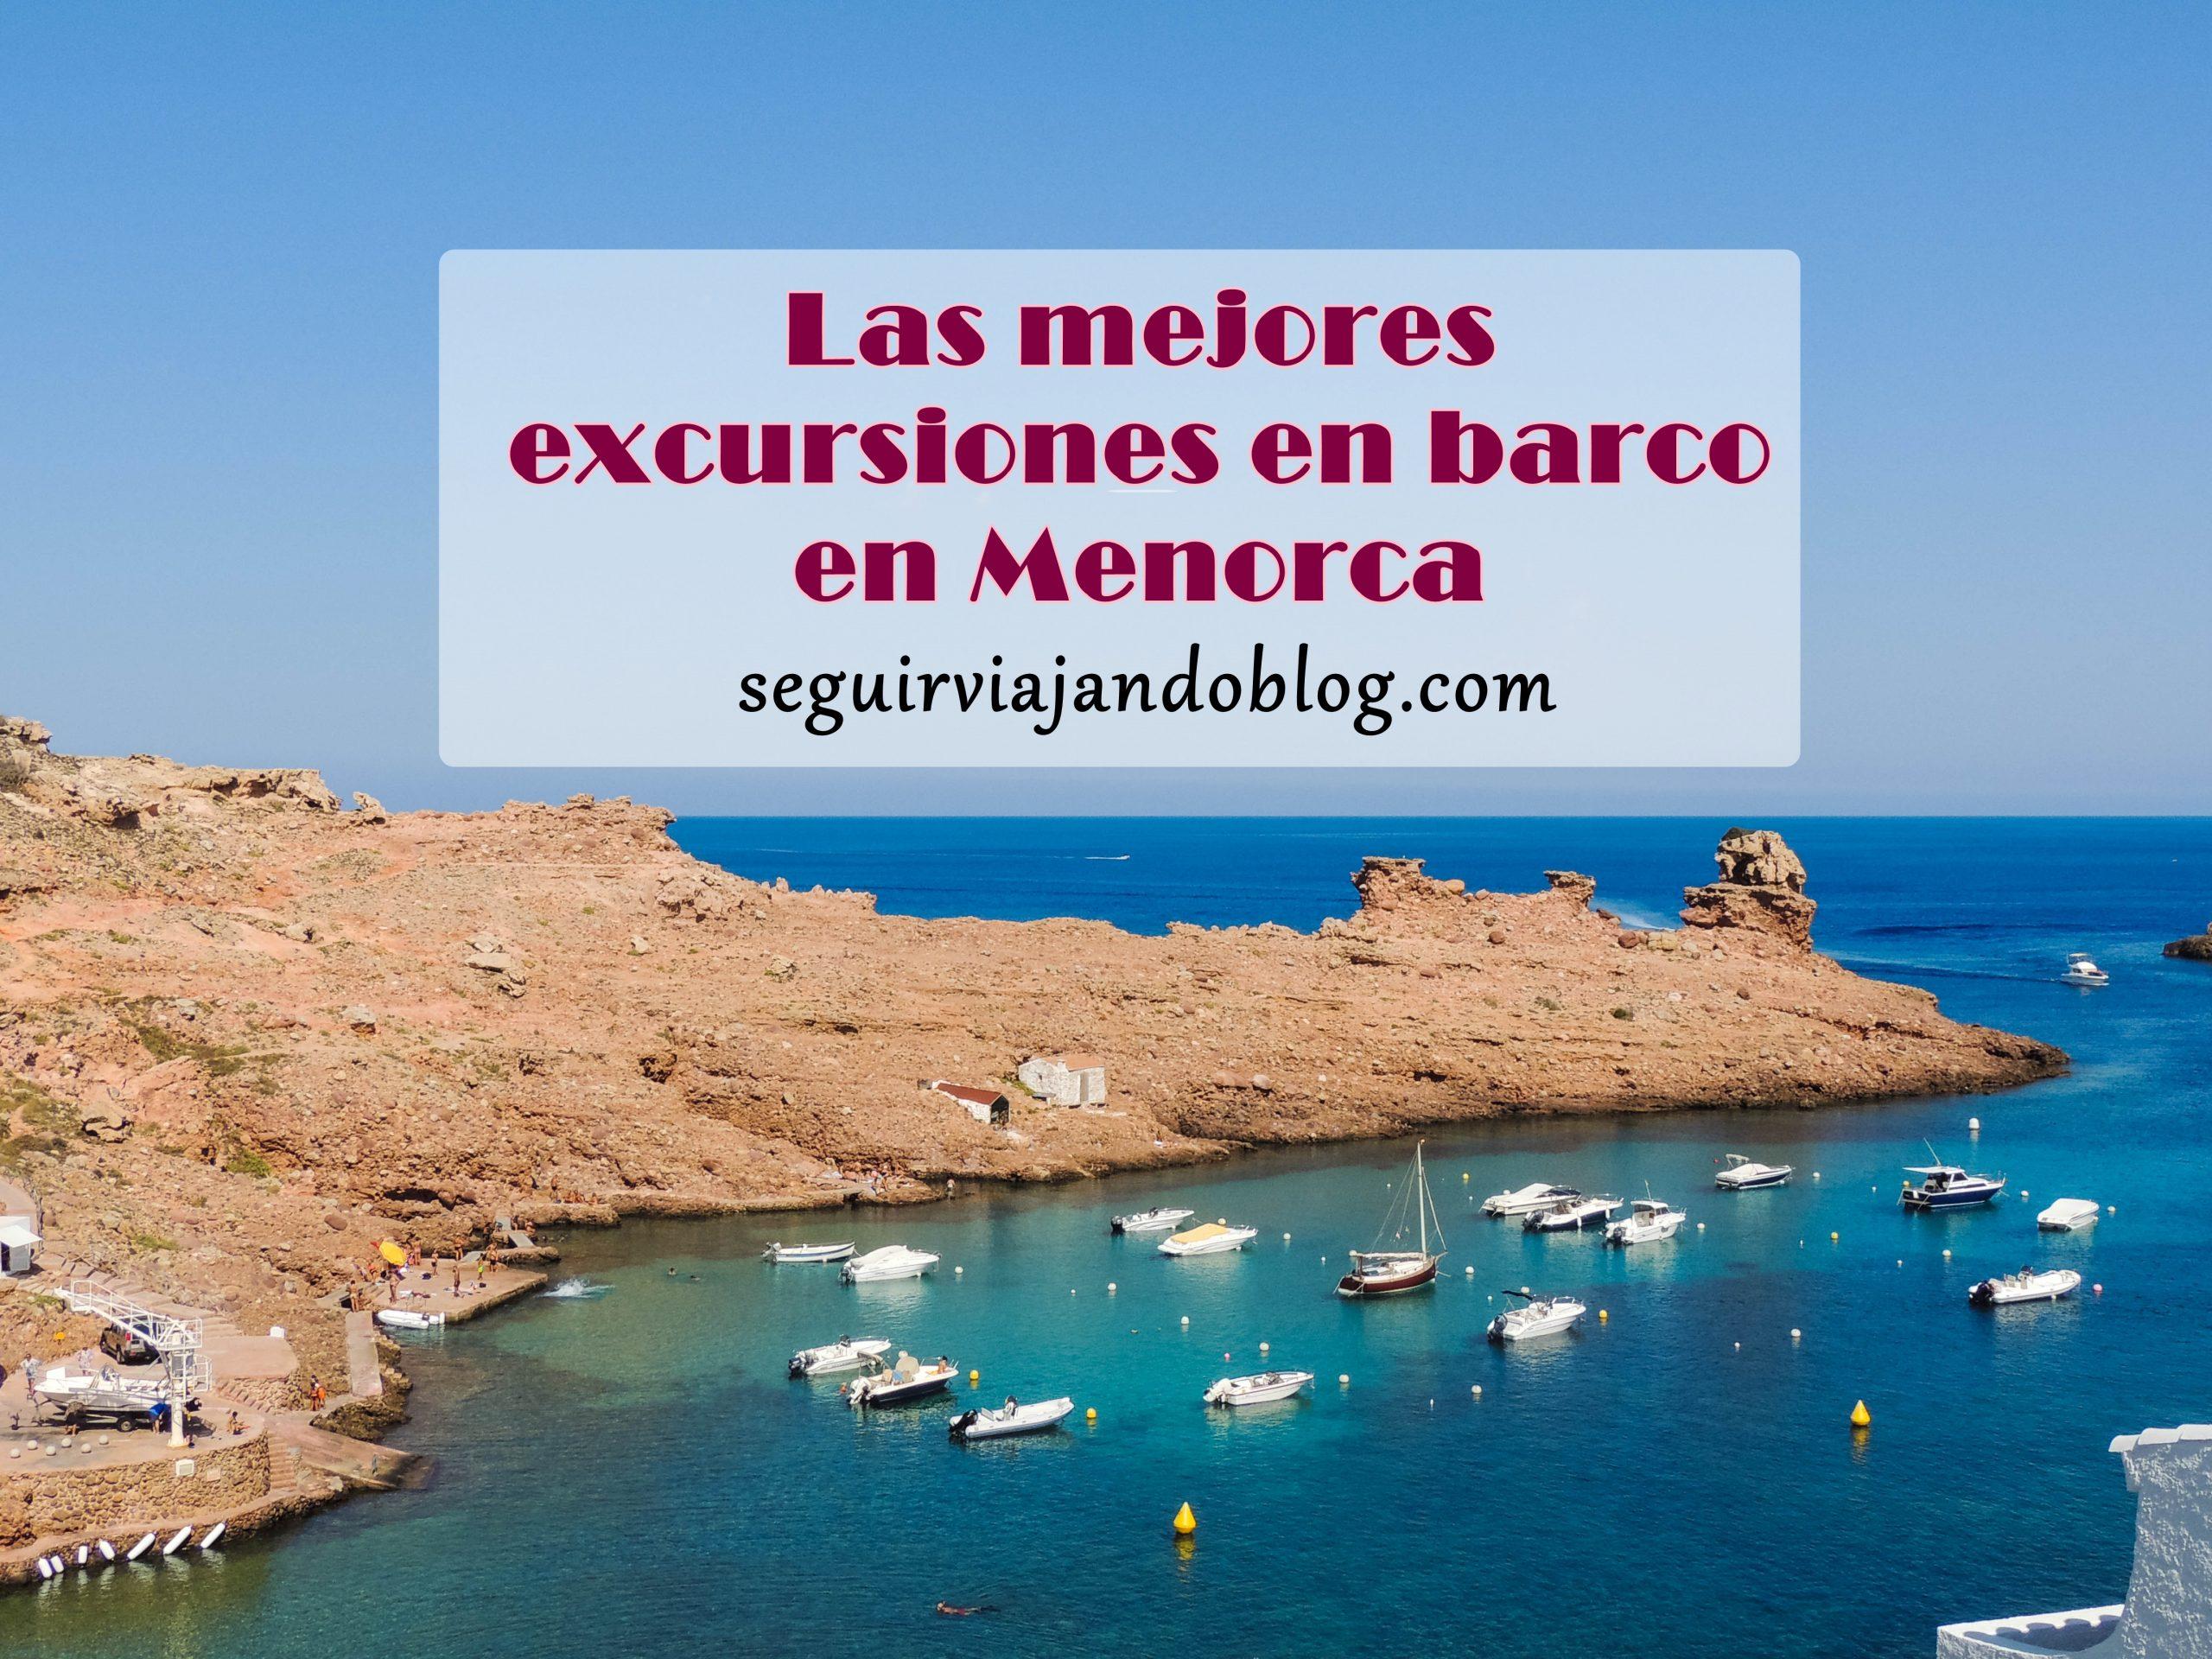 Excursiones en barco en Menorca - Seguir Viajando